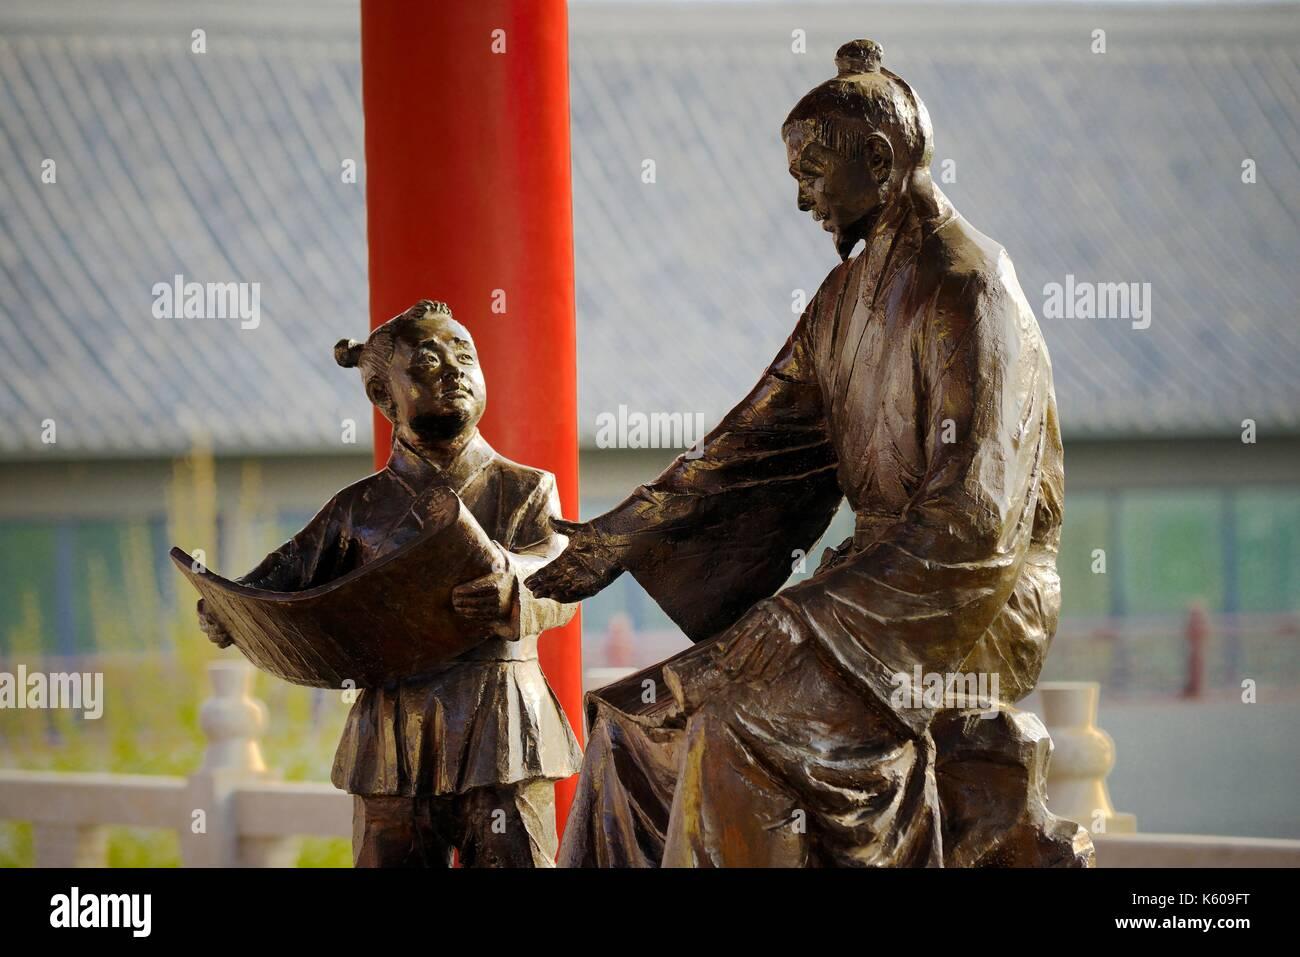 Dongzi Culture Park, Dezhou, China. Statue of Confucian philosopher Dong Zhongshu teaching boy on the rebuilt Reading Platform - Stock Image